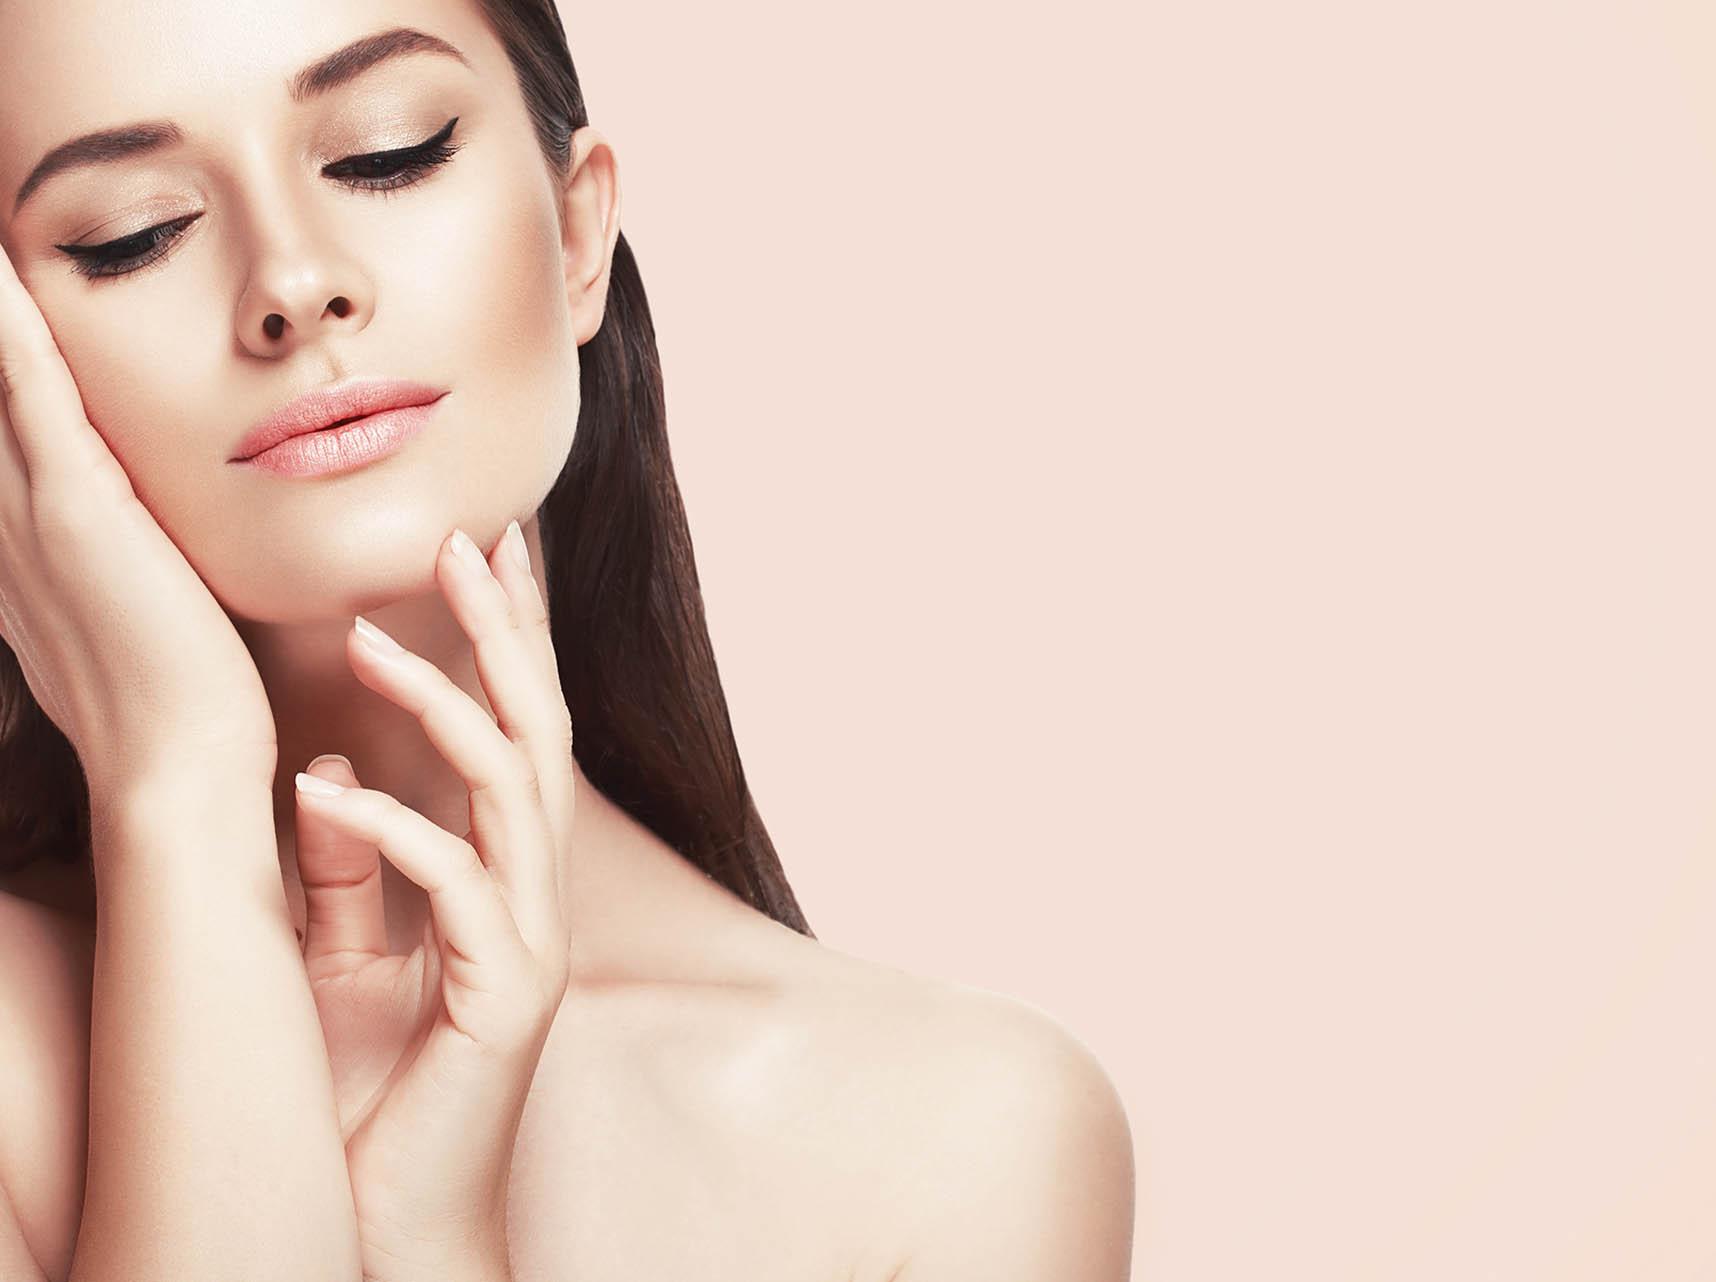 Vorteile SHR Hautverjüngung - Hautverjüngung mit SHR